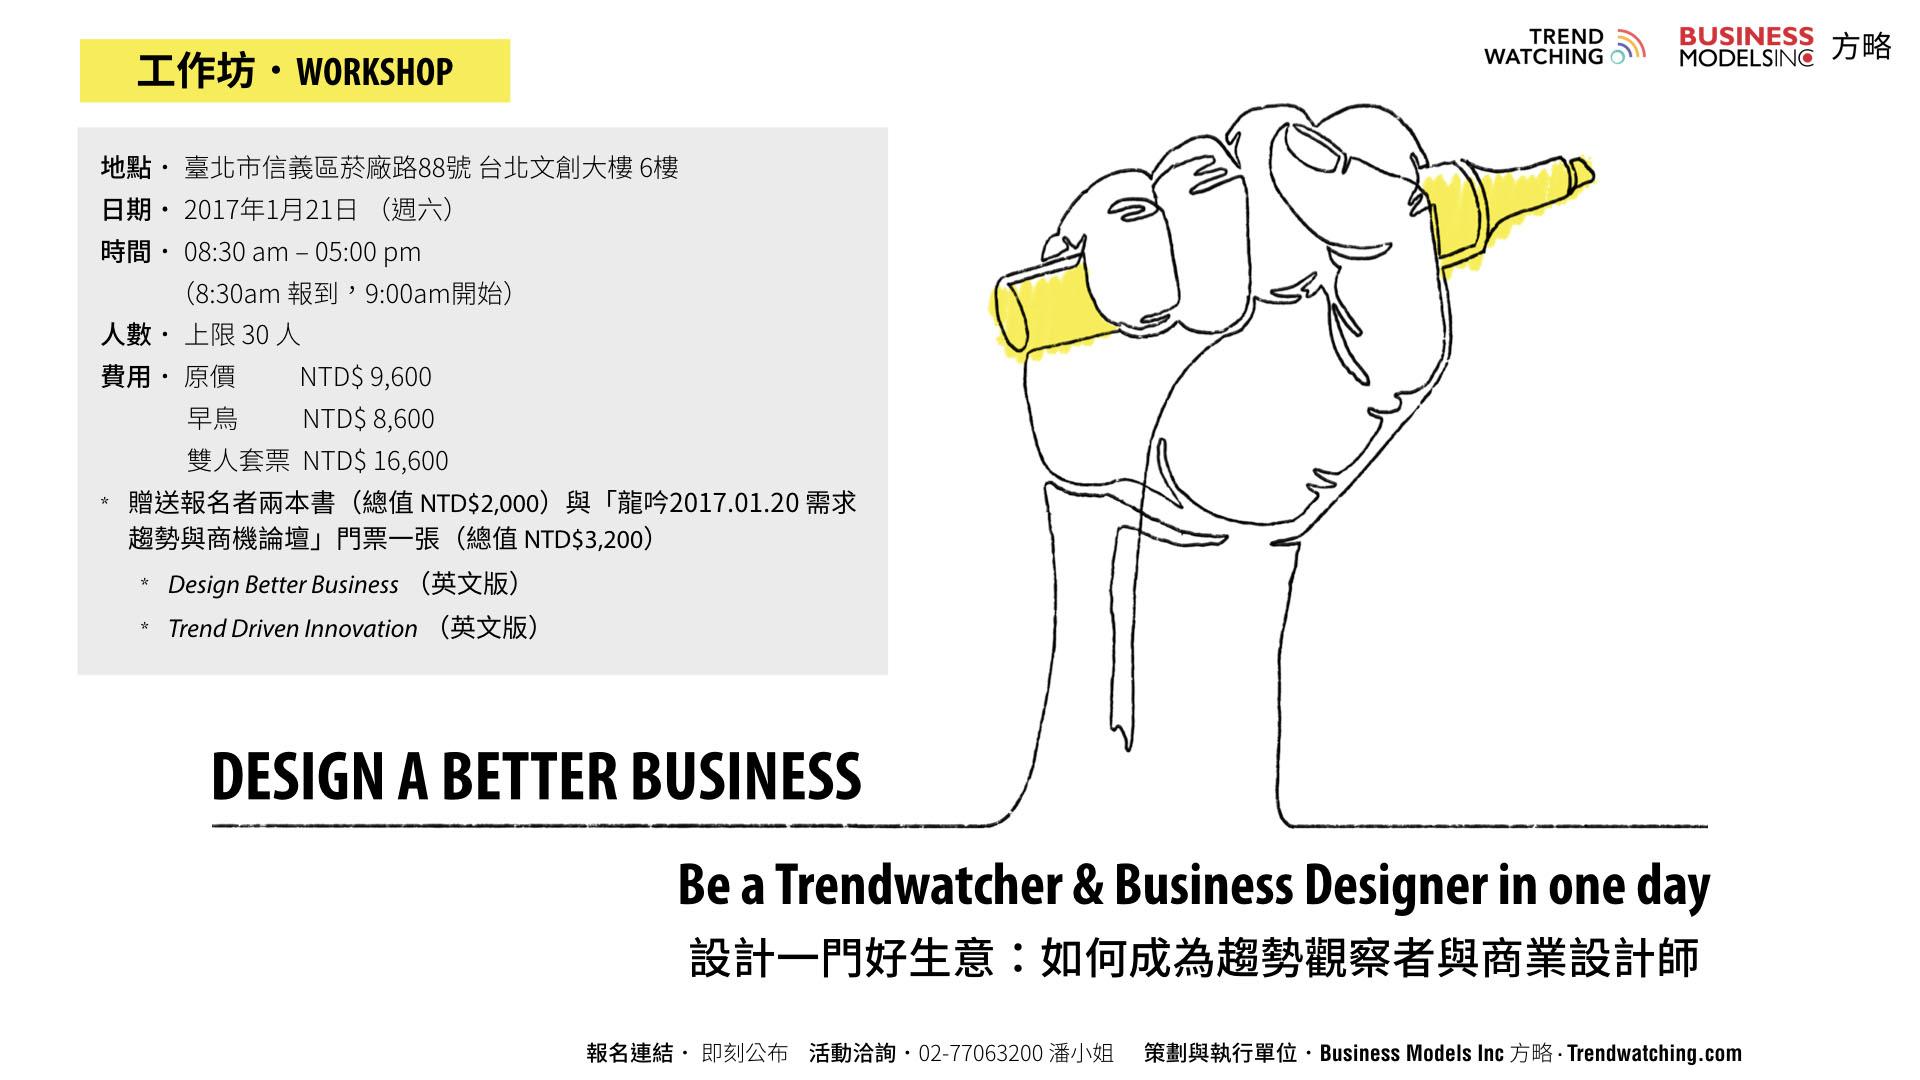 設計一門好生意:如何成為趨勢觀察者與商業設計師